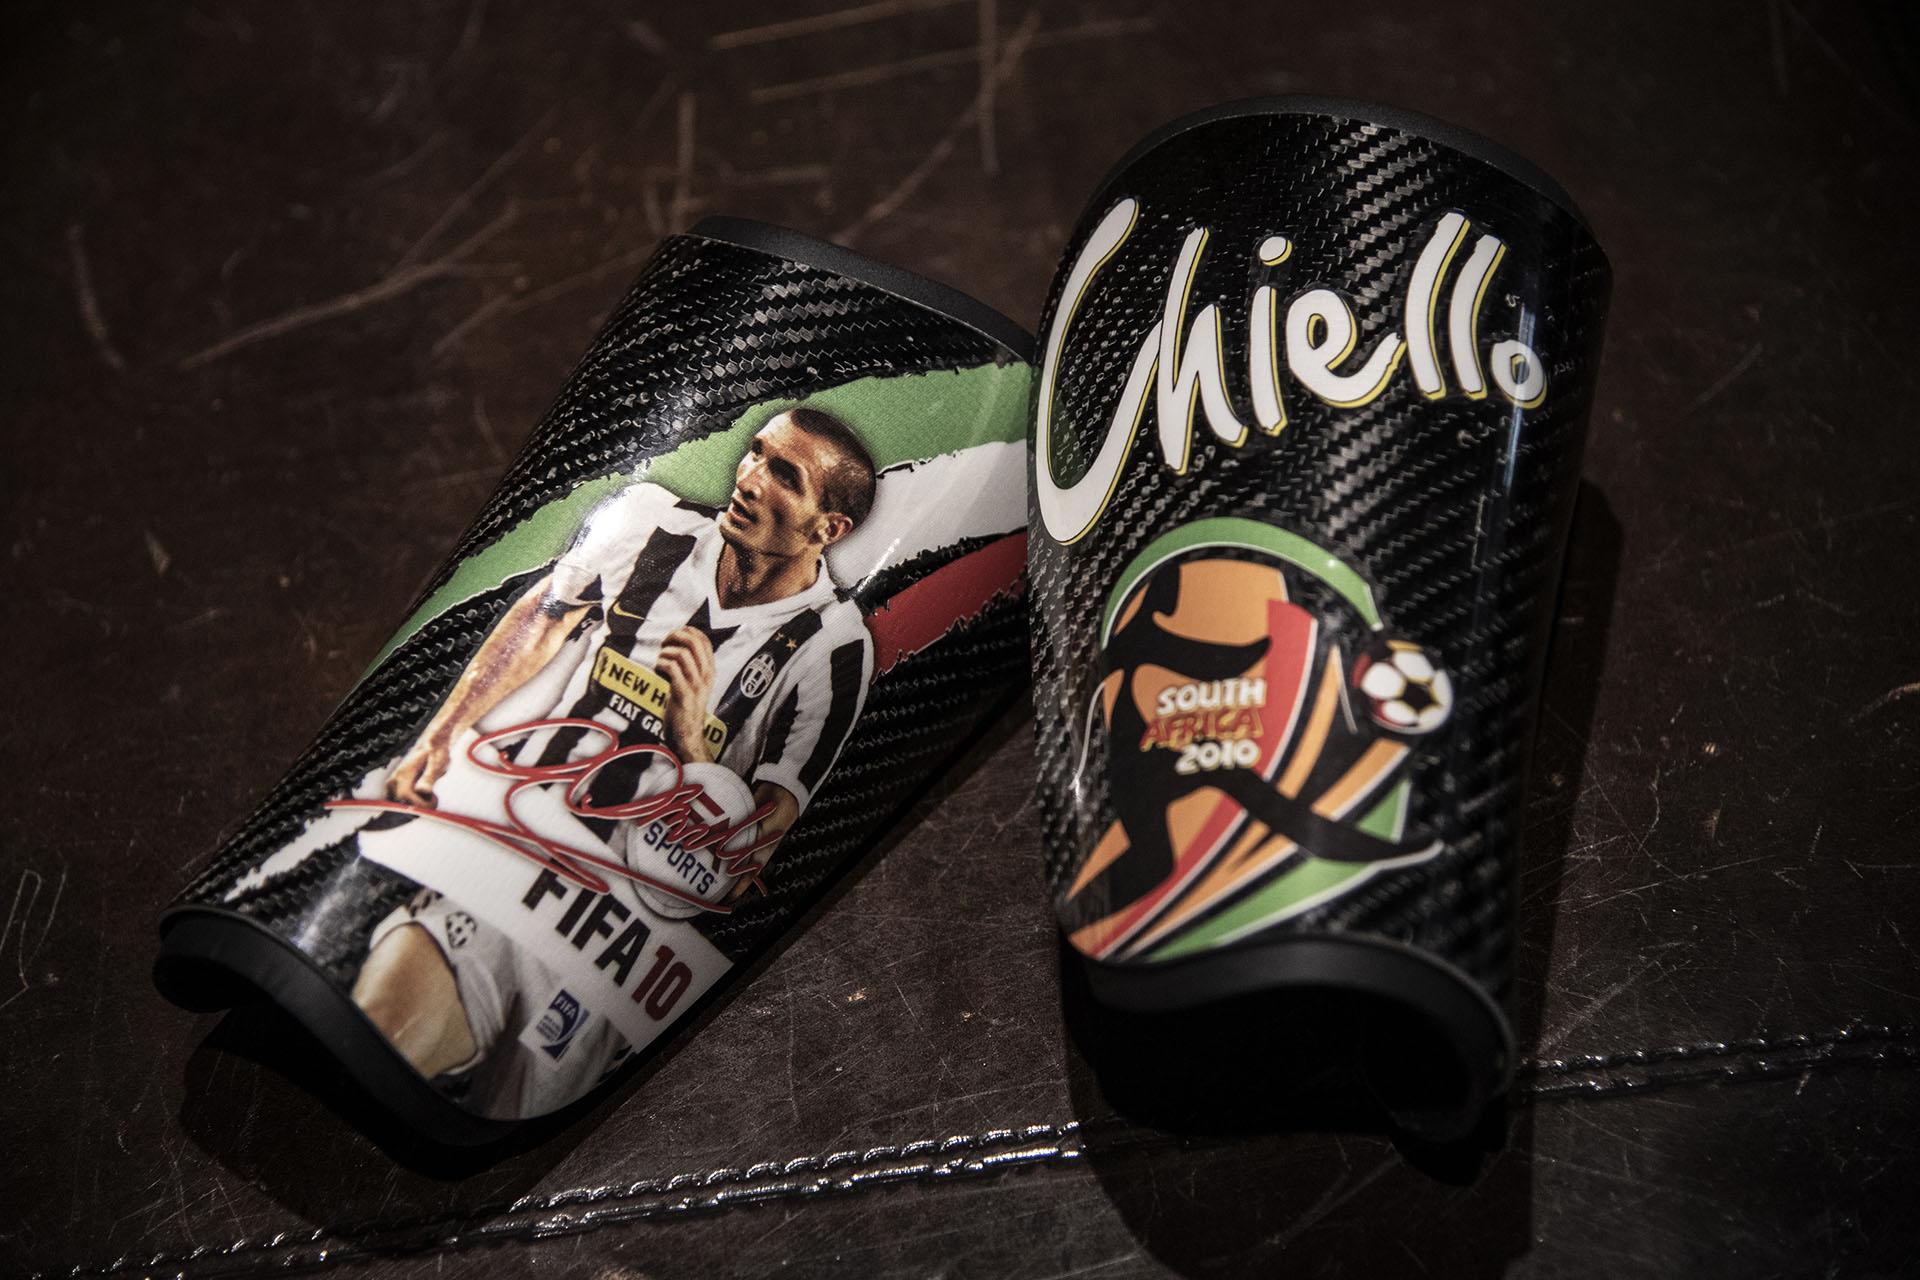 Una de las perlitas que tendrá la subasta en Turín: las canilleras de Giorgio Chiellini durante el Mundial de Sudáfrica 2010 (Photo by MARCO BERTORELLO / AFP)